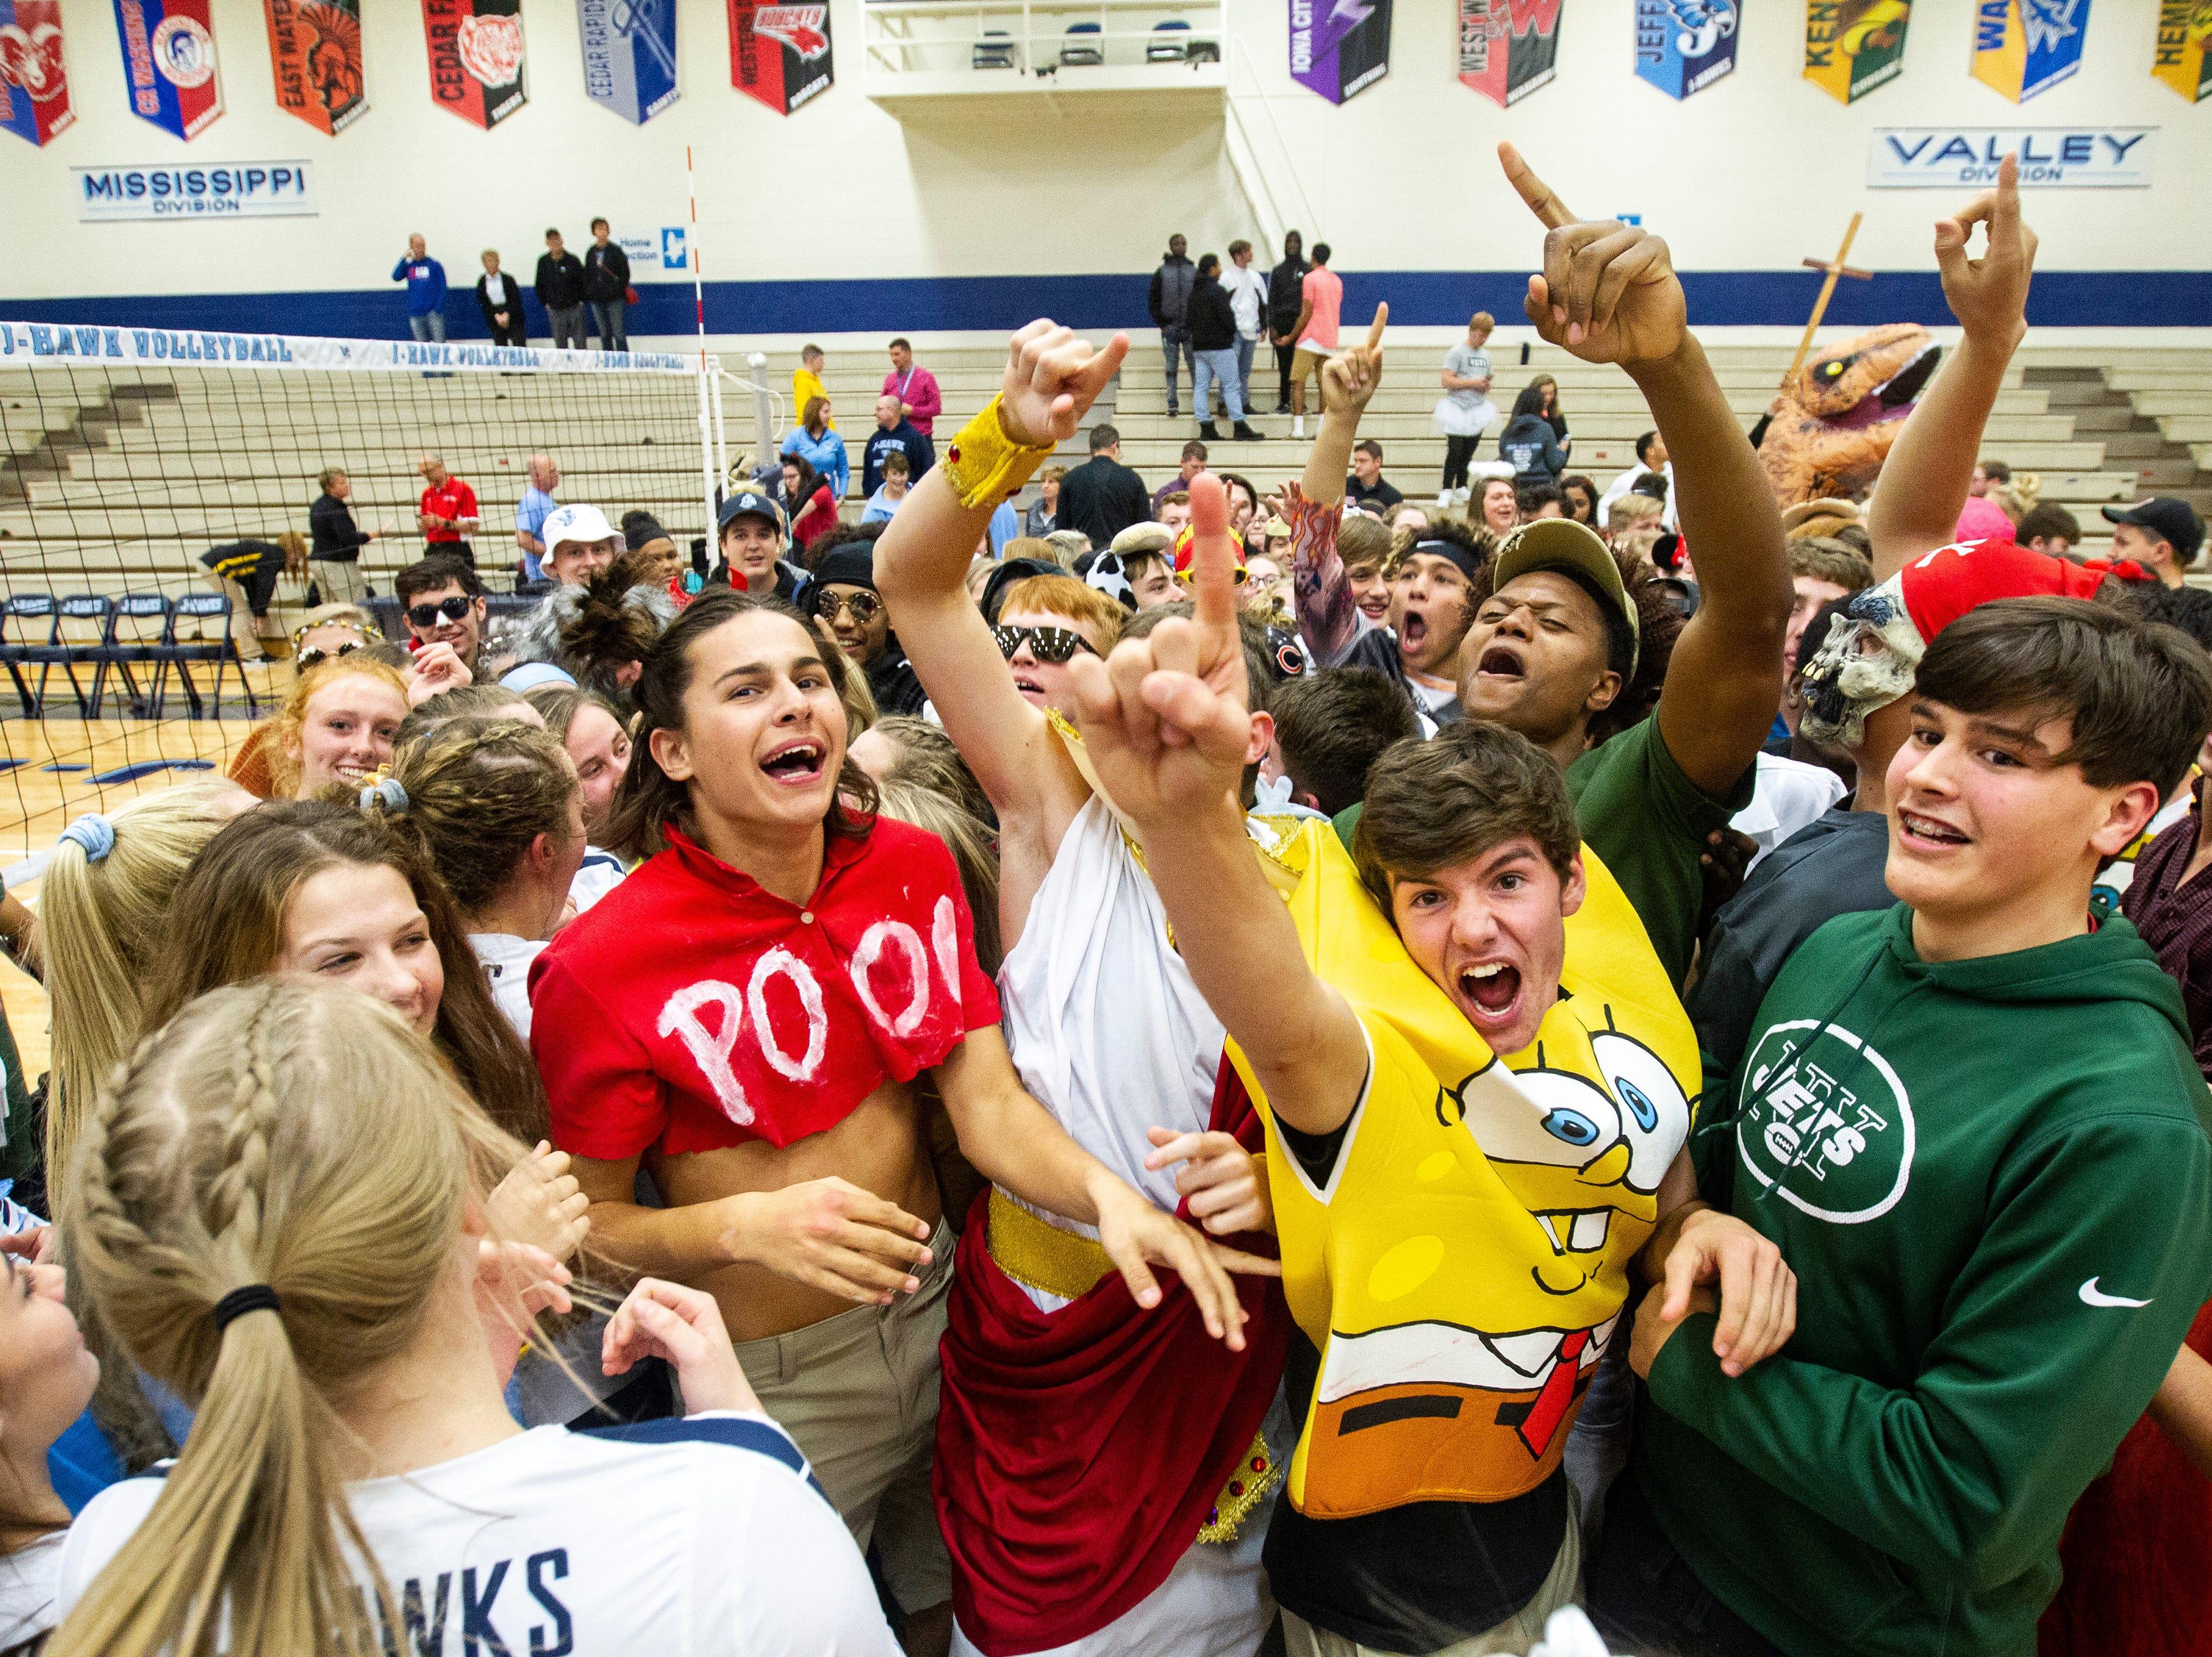 Cedar Rapids Jefferson fans celebrate after a Class 5A volleyball regional final game on Monday, Oct. 29, 2018, at Jefferson High School in Cedar Rapids.